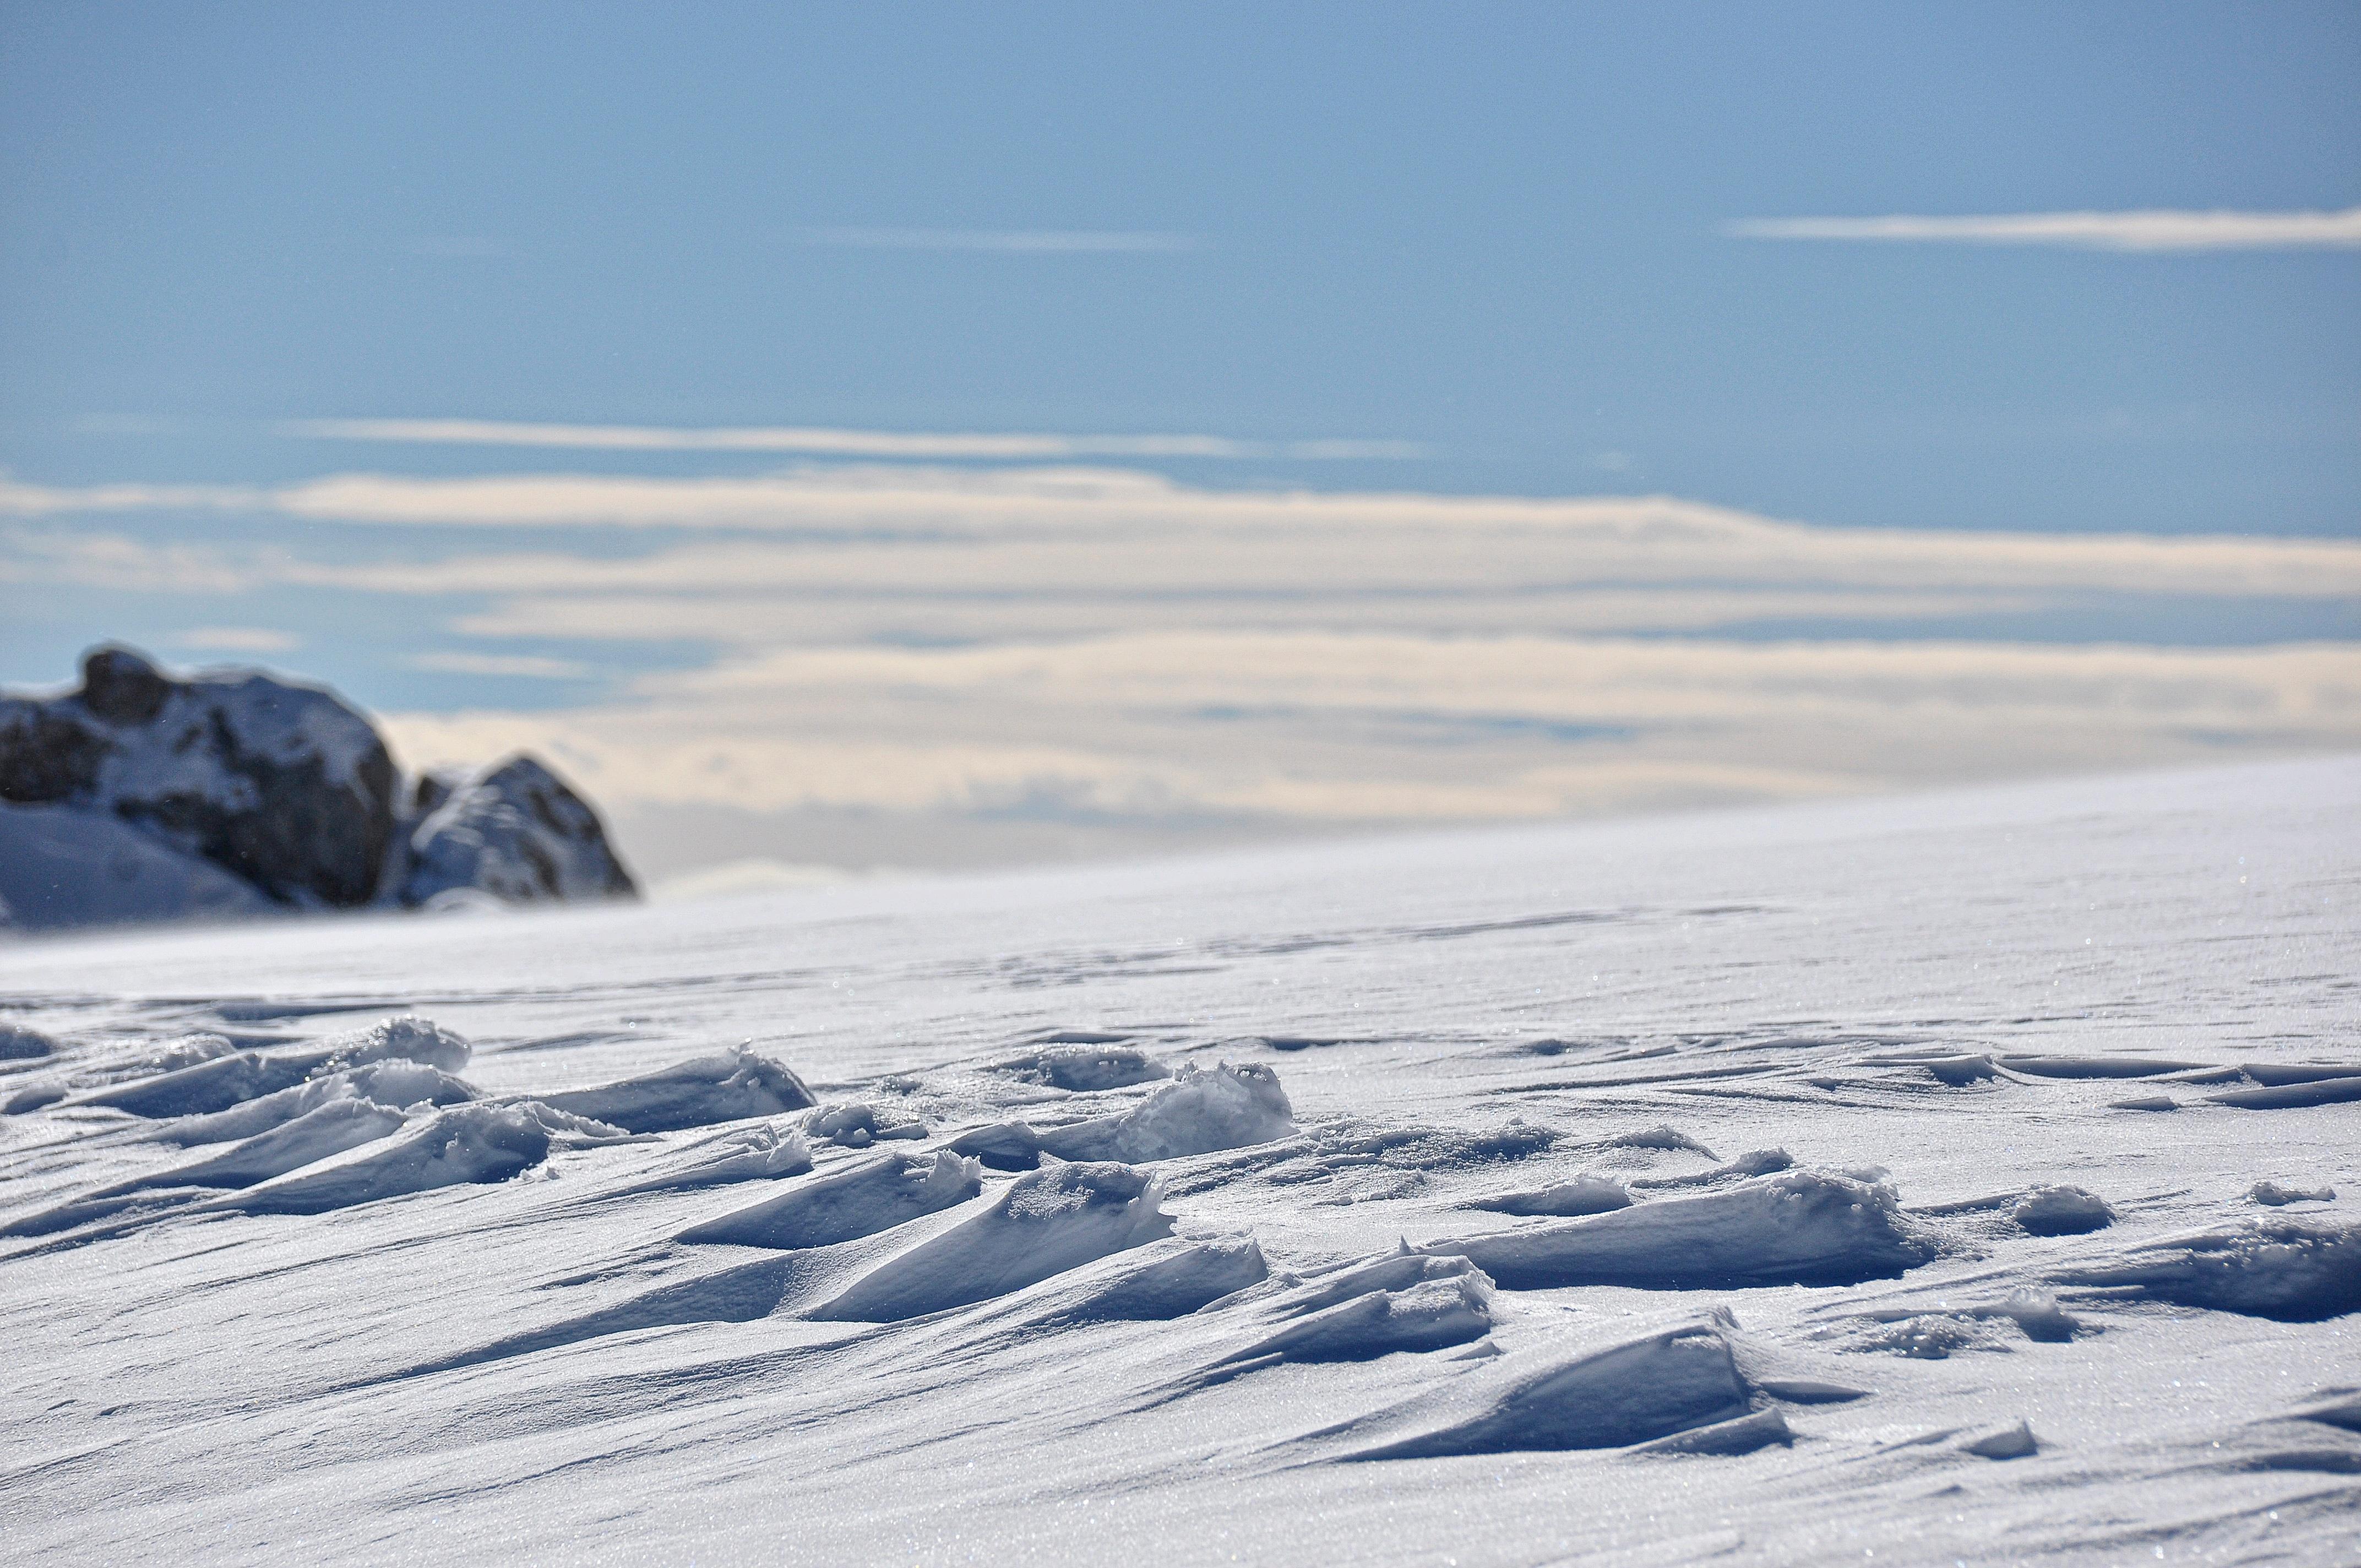 Картинки арктических пустынь россии